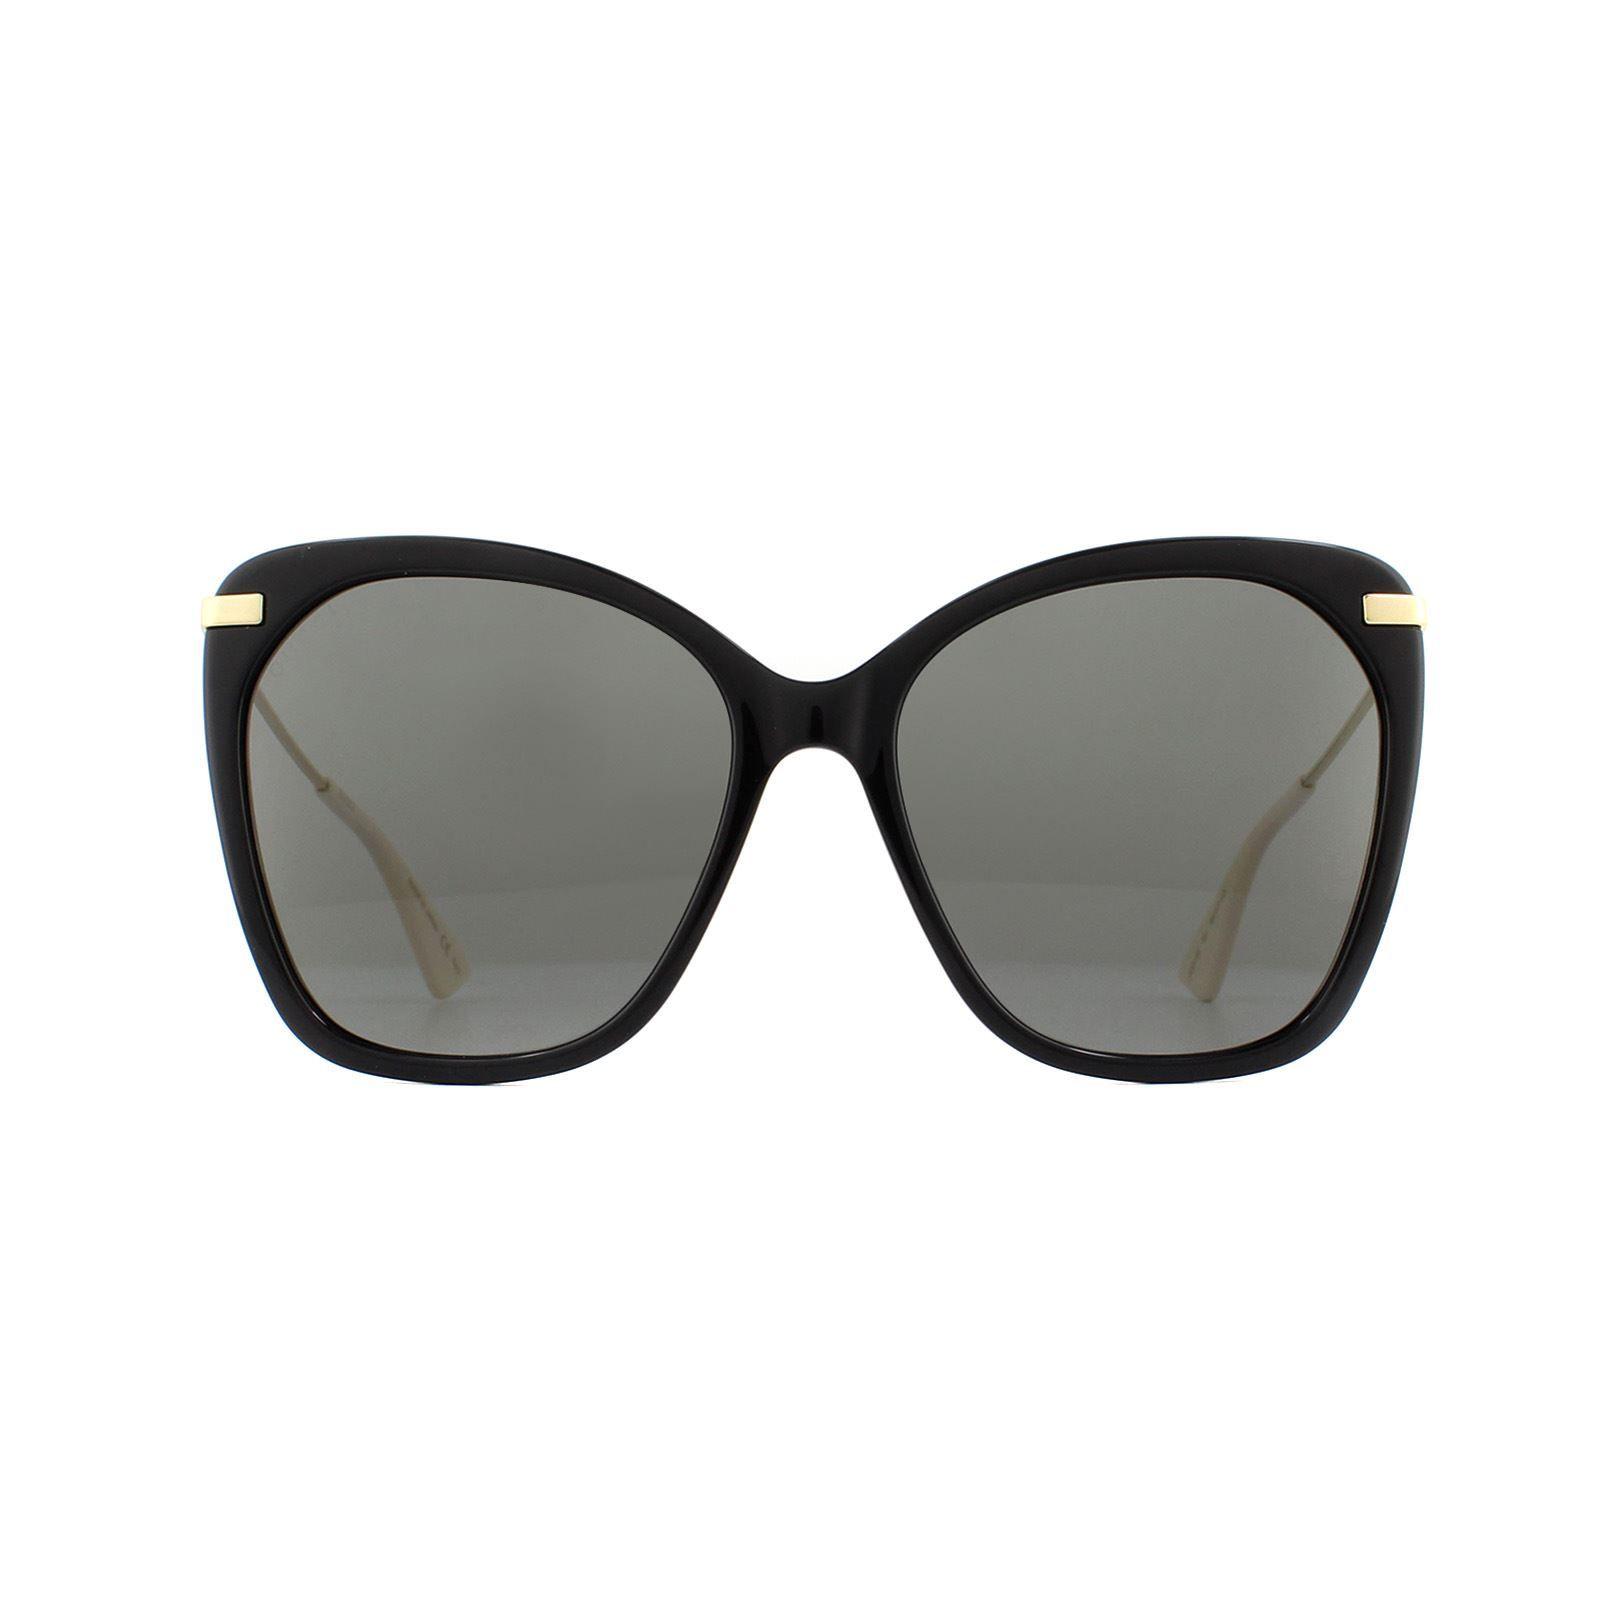 Gucci Sunglasses GG0510S 001 Black Grey